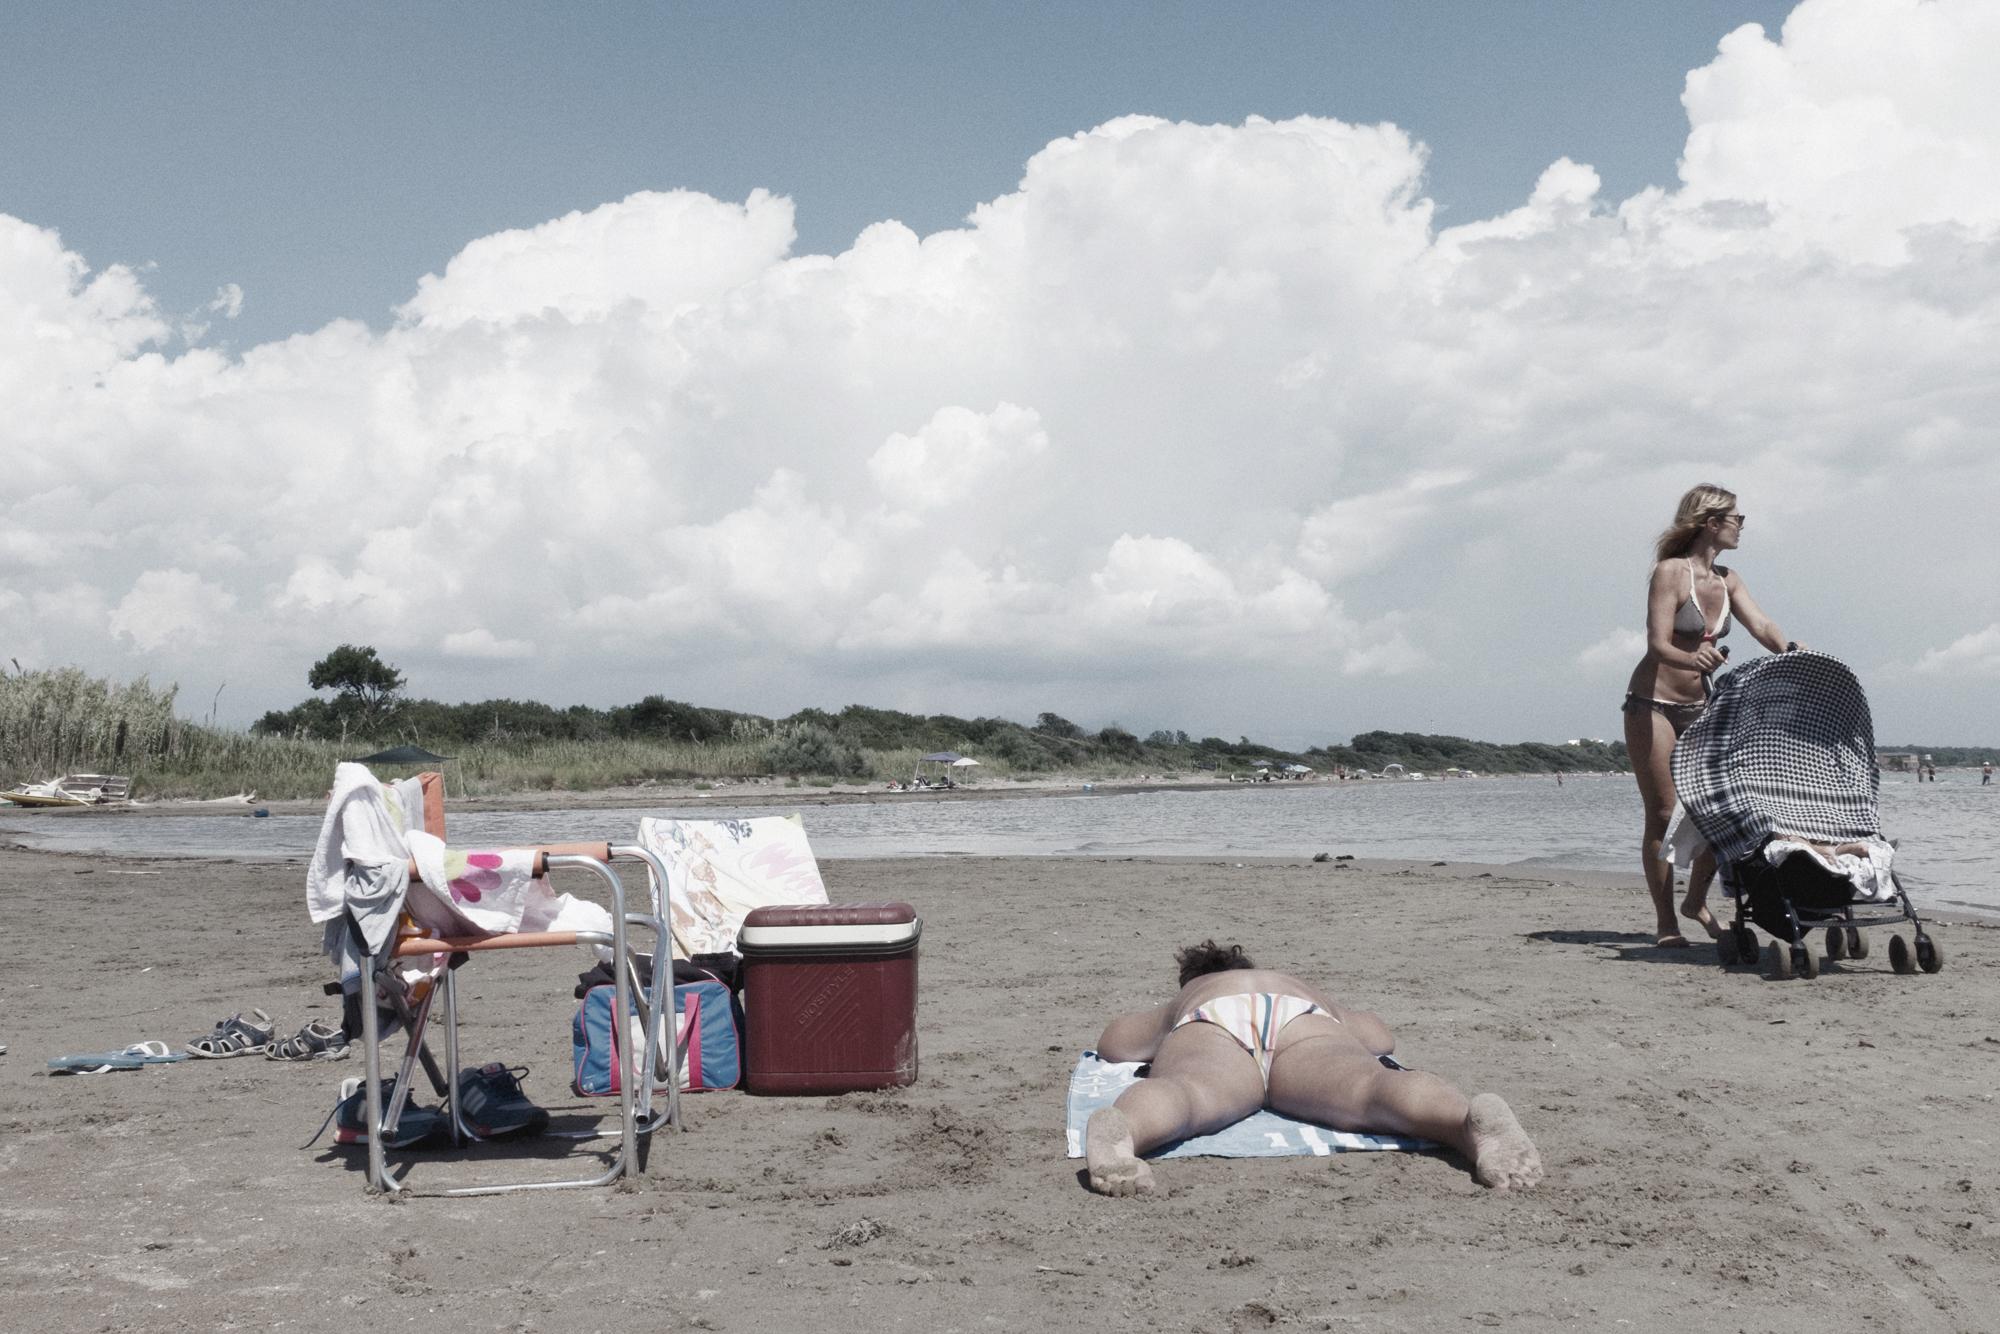 Bagnanti sulla foce del fiume Astura. Nettuno (RM), 2015.  Il fiume, prima di lambire la discarica, è interessato da scarichi industriali di altri impianti situati a monte. Le sue acque sono state classificate dall'ARPA Lazio come scadenti/pessime.